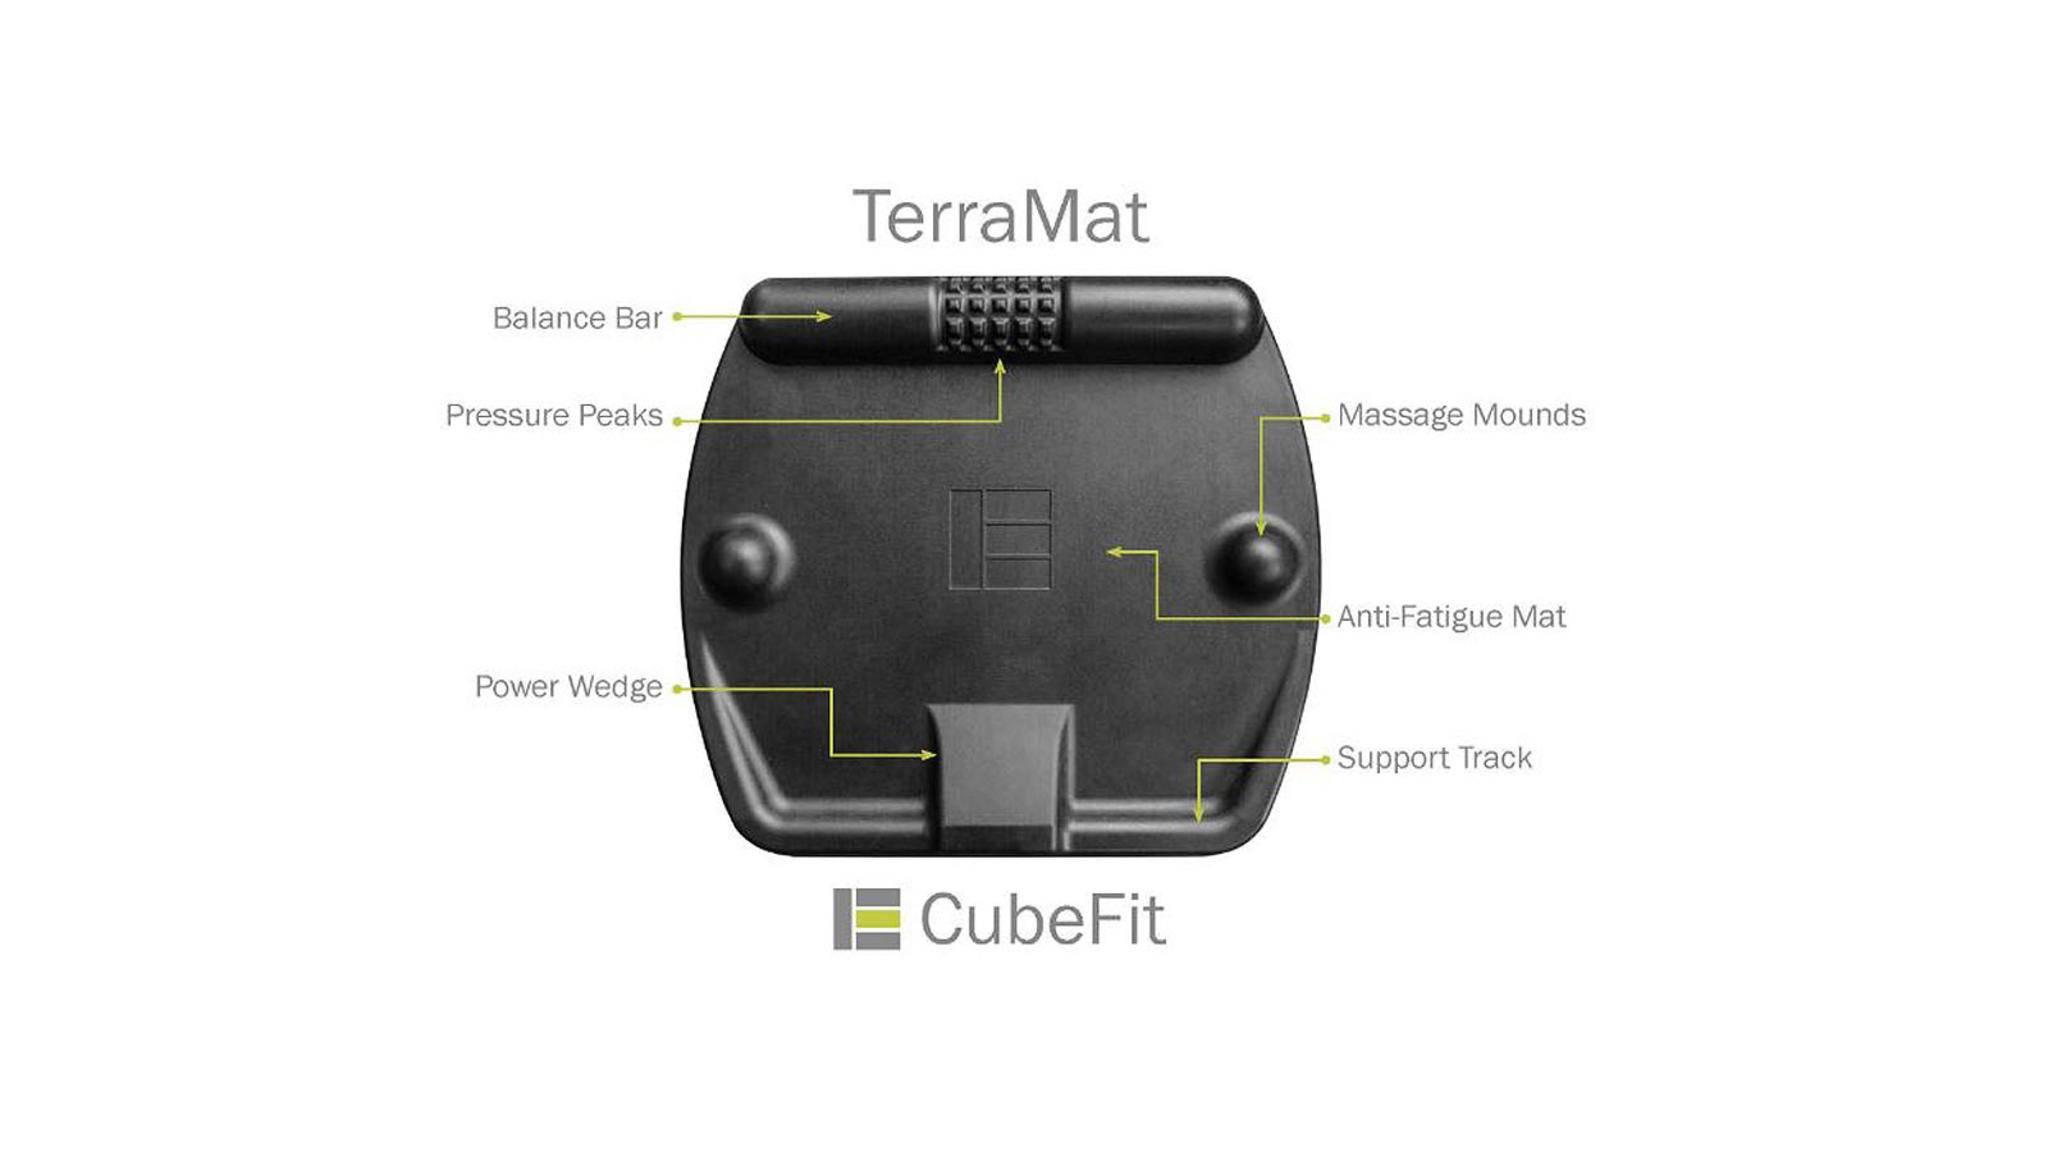 Die TerraMat von CubeFit soll gesundheitlichen Problemen vorbeugen.